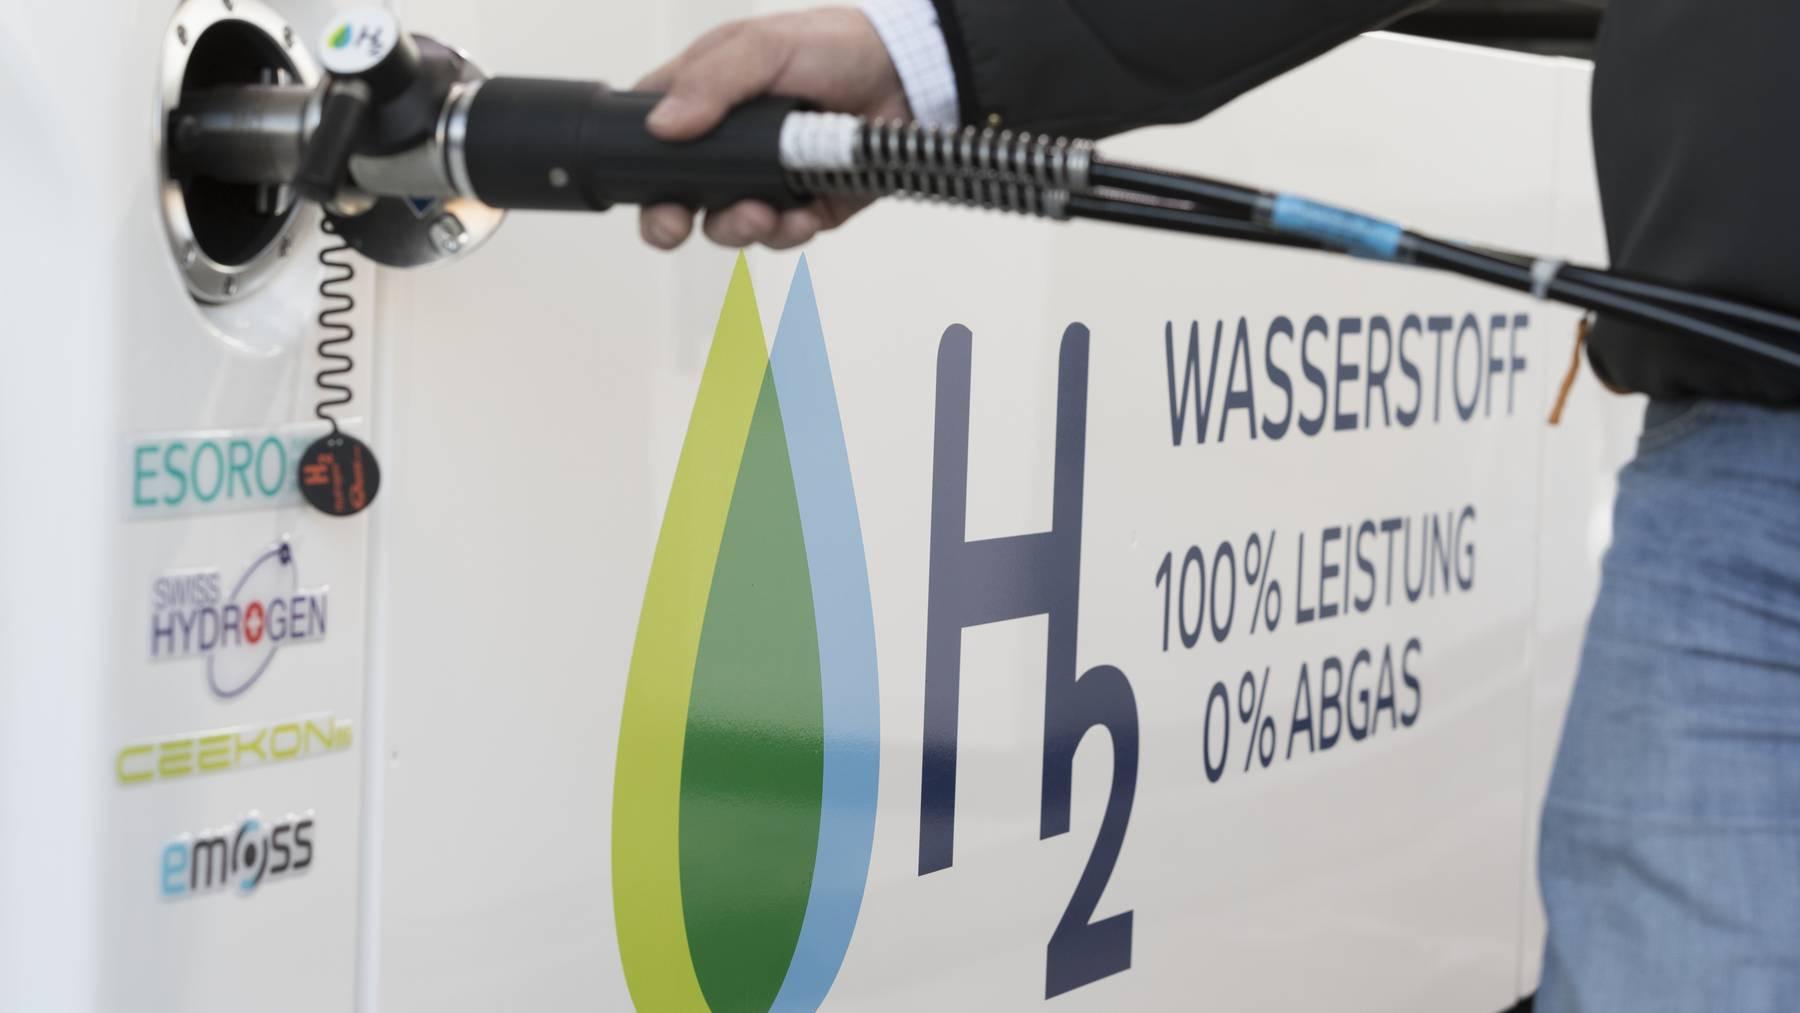 Wasserstoff Tankstelle Zapfsäule Schweiz